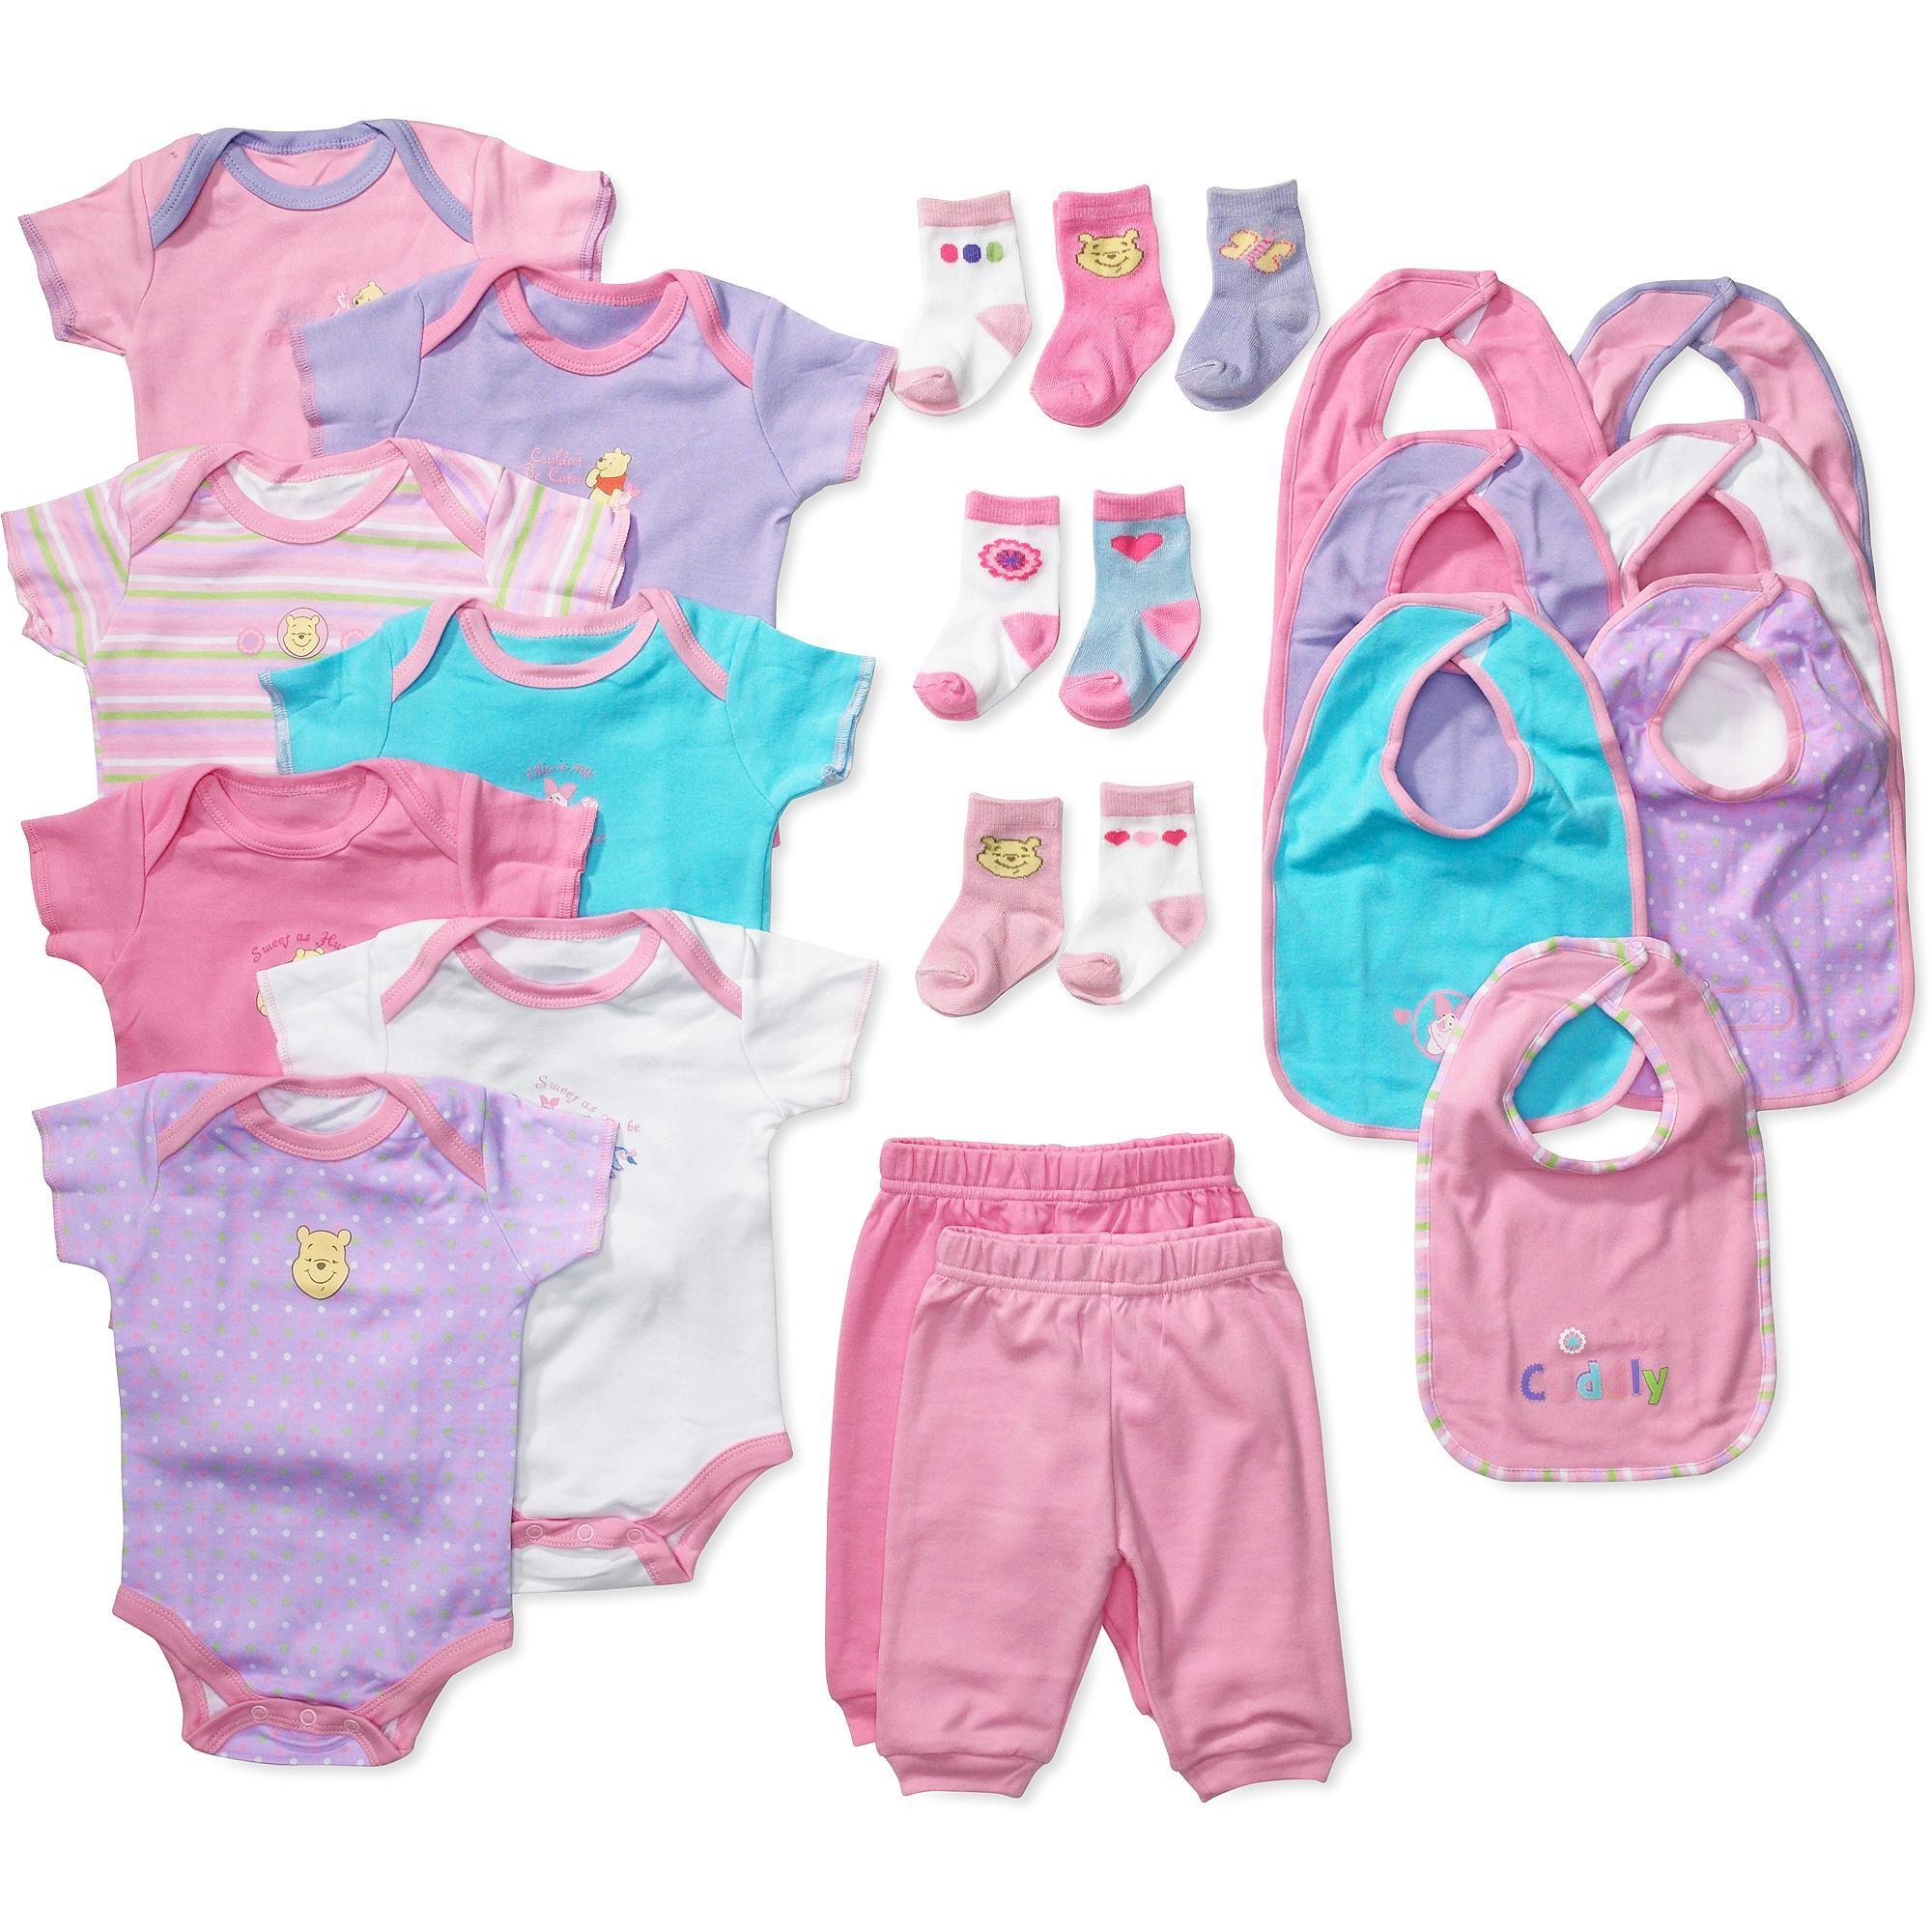 vnking365.com - Bí kíp mua đồ dùng sơ sinh cực kỳ hữu ích với mom